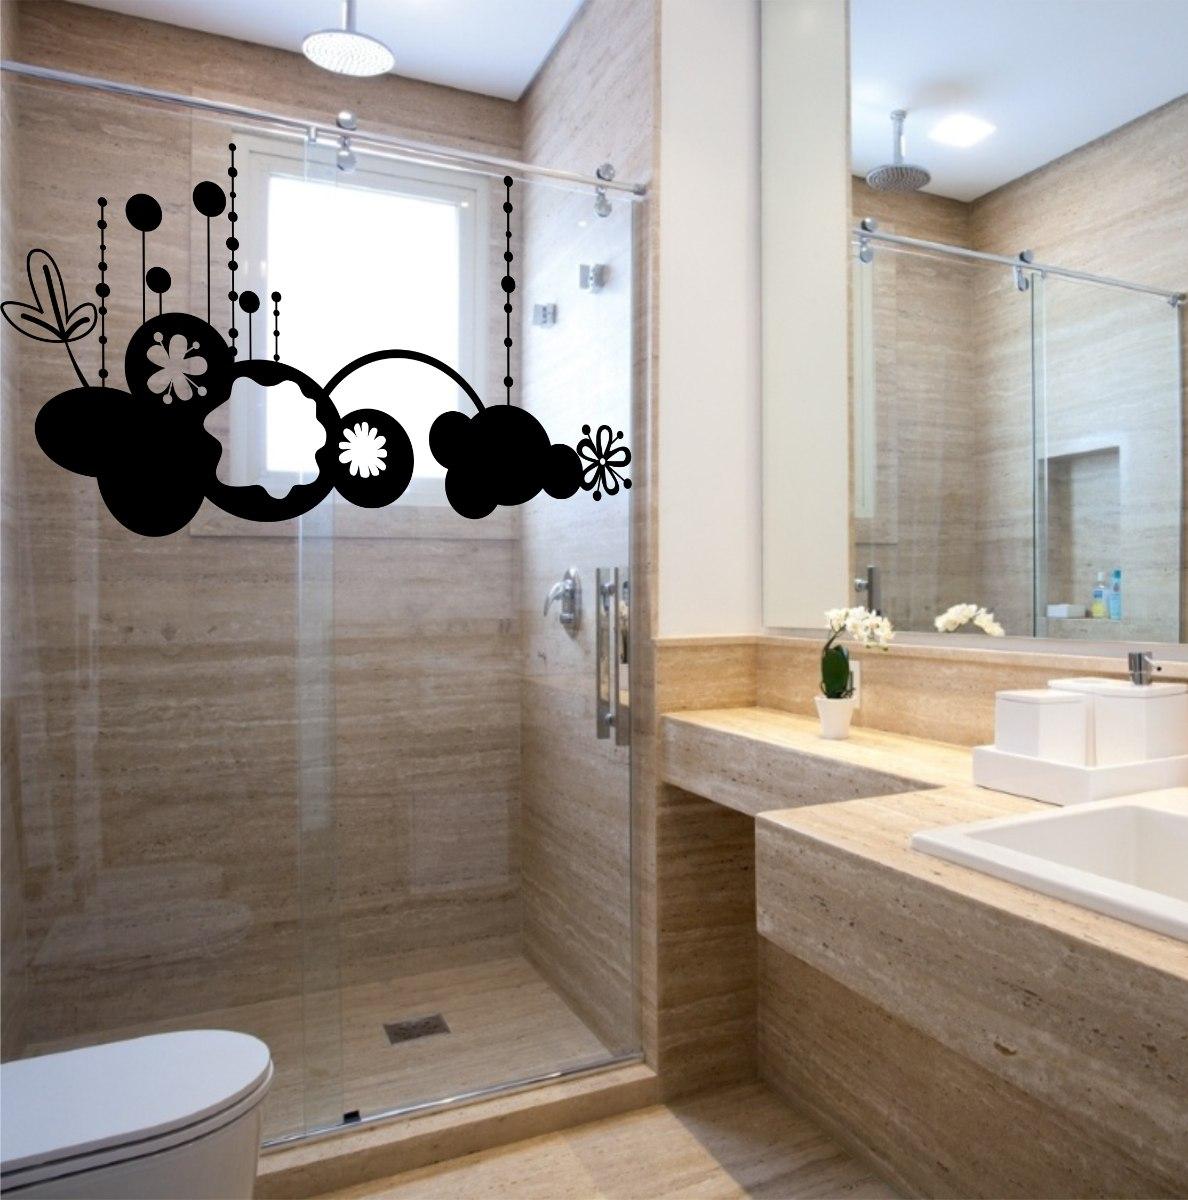 Adesivo Decorativo Parede Box Banheiro Floral Nuvem Mar R$ 19 99 em  #836848 1188x1200 Banheiro Container Brasilia